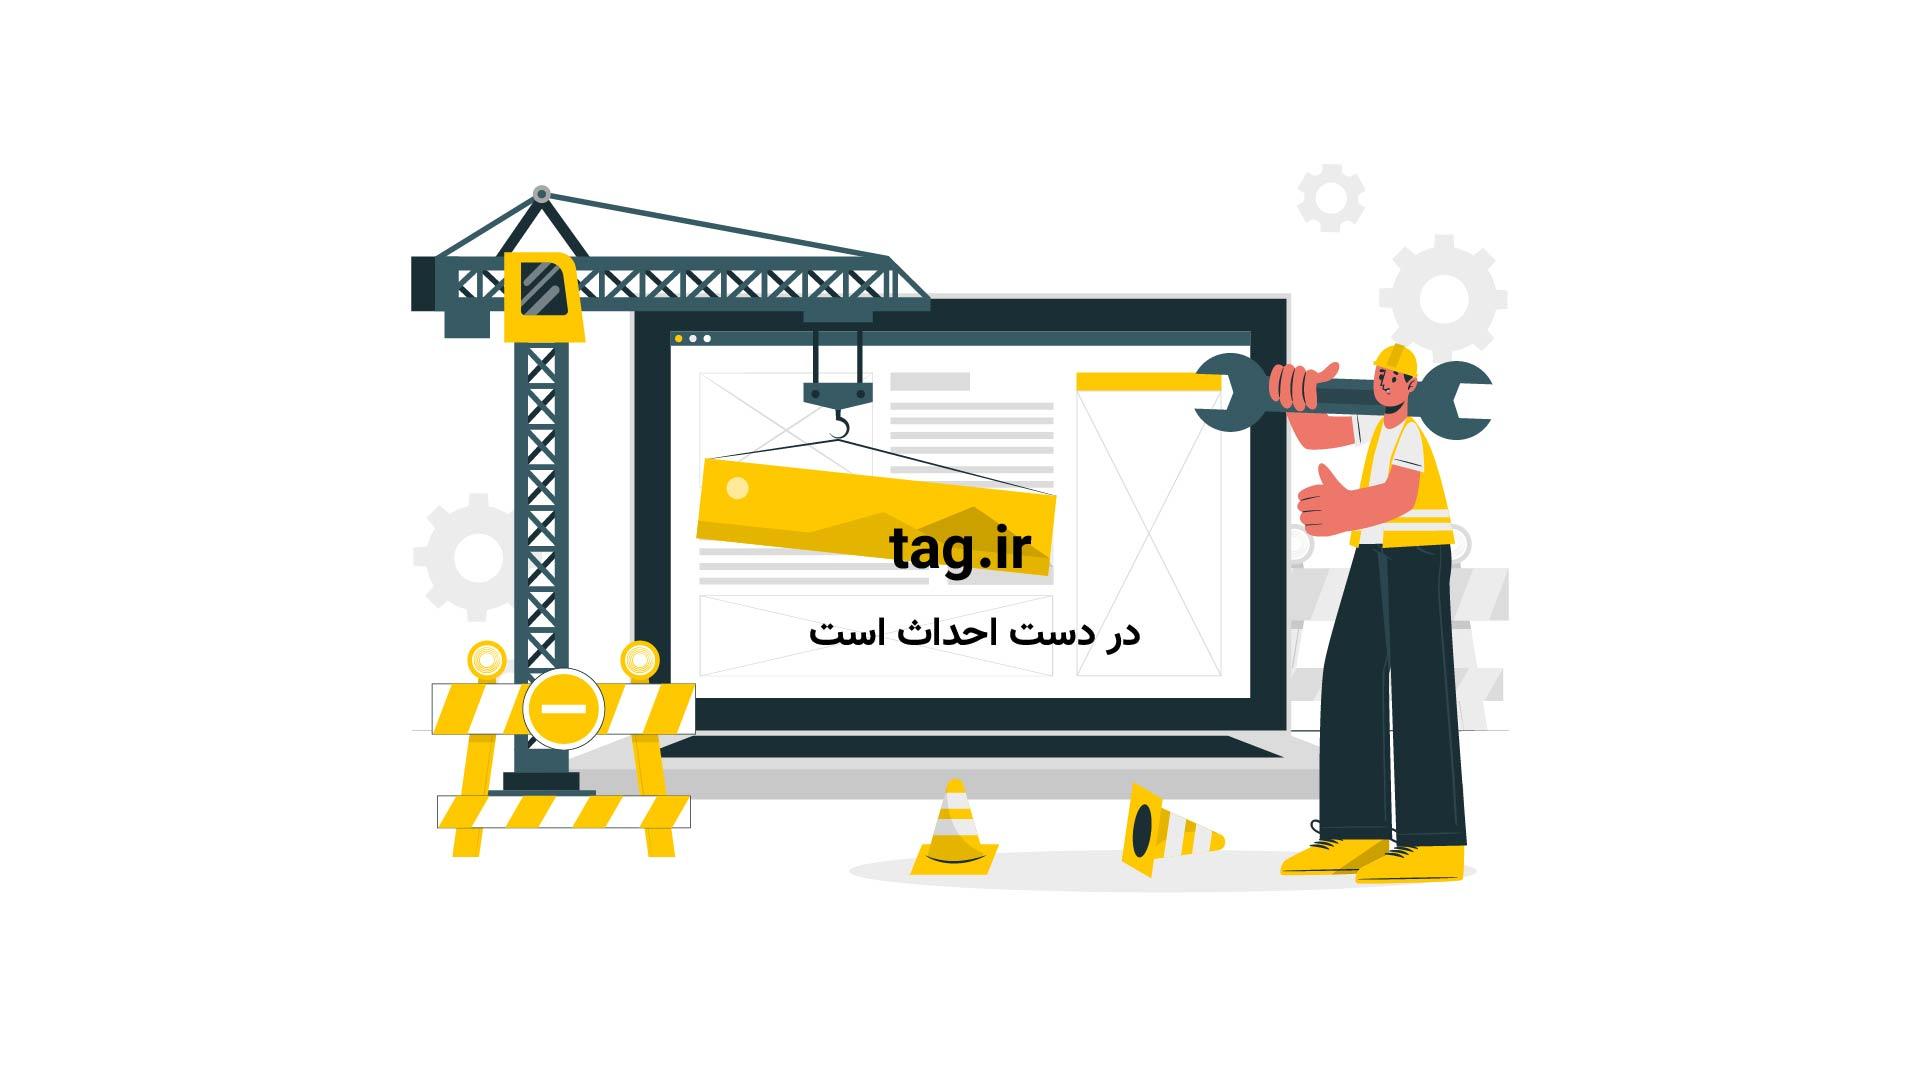 عناوین روزنامههای اقتصادی دوشنبه 10 آبان | فیلم